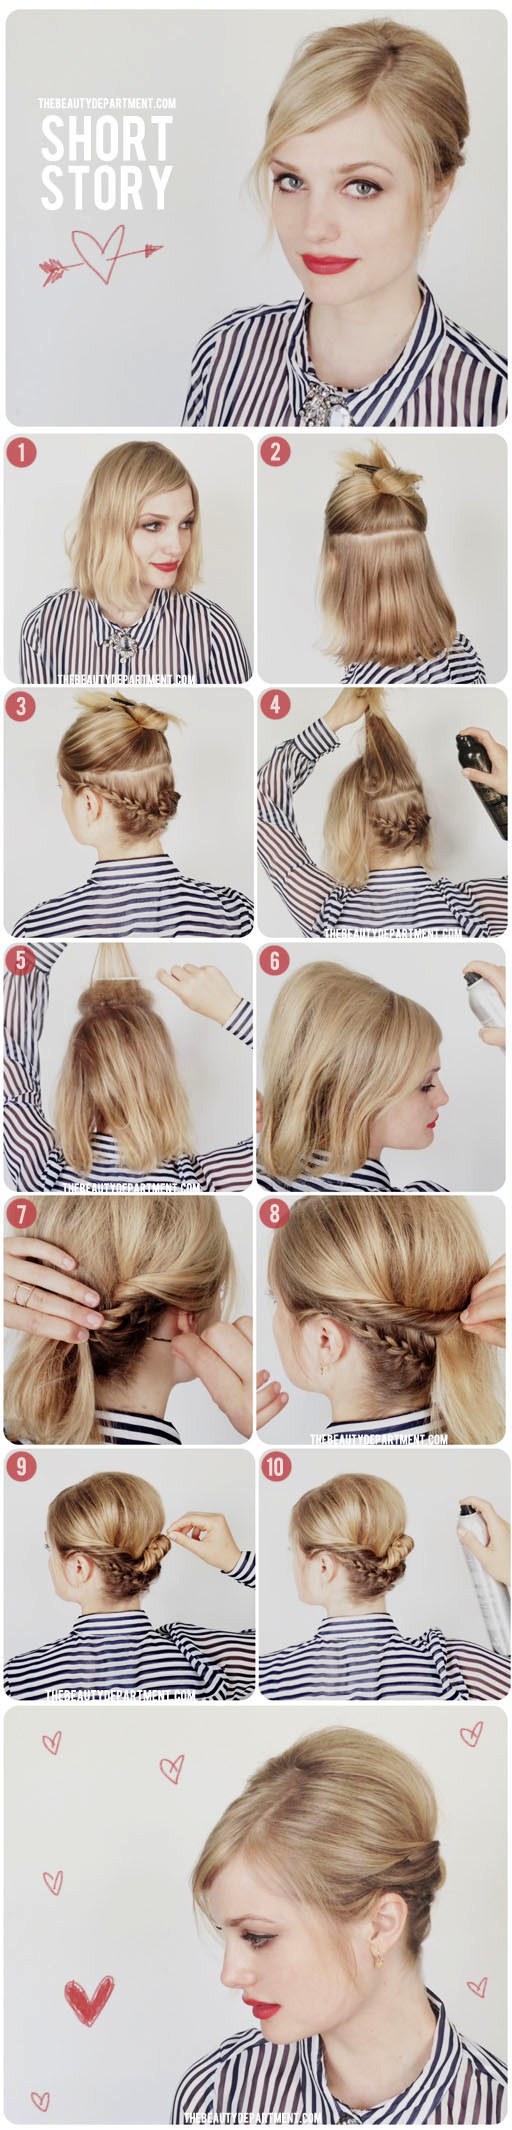 Прически своими руками пошагово на короткие волосы фото на каждый день